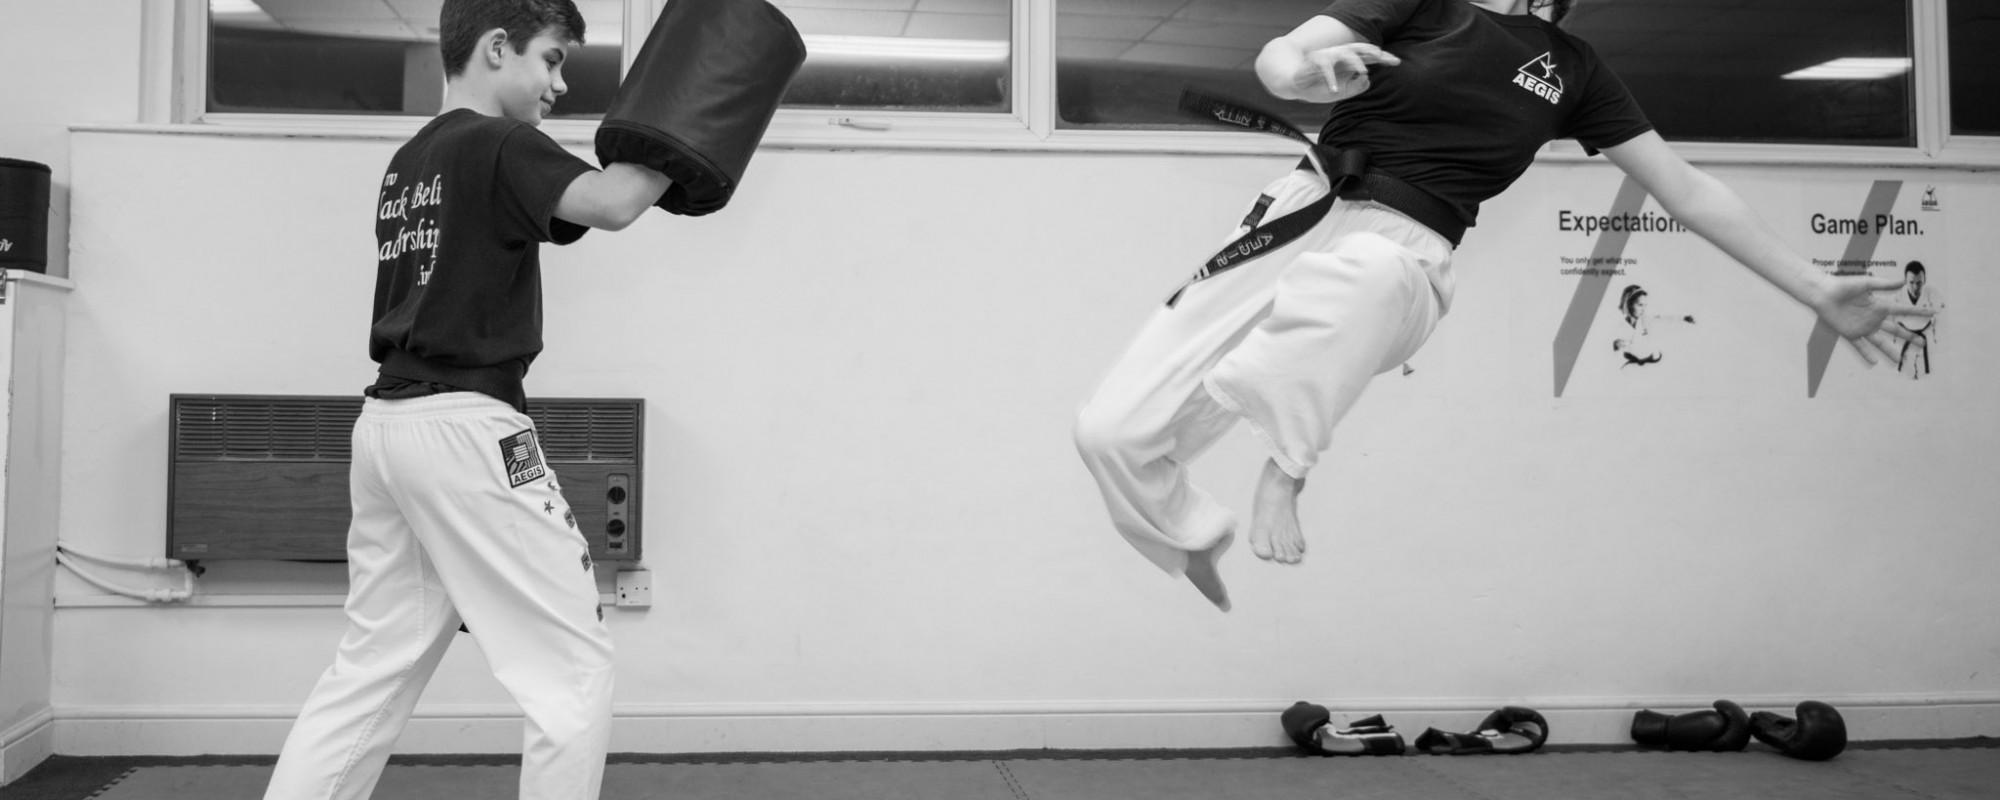 aegis-martial-arts-class-leeds-flying-kick-mid-air